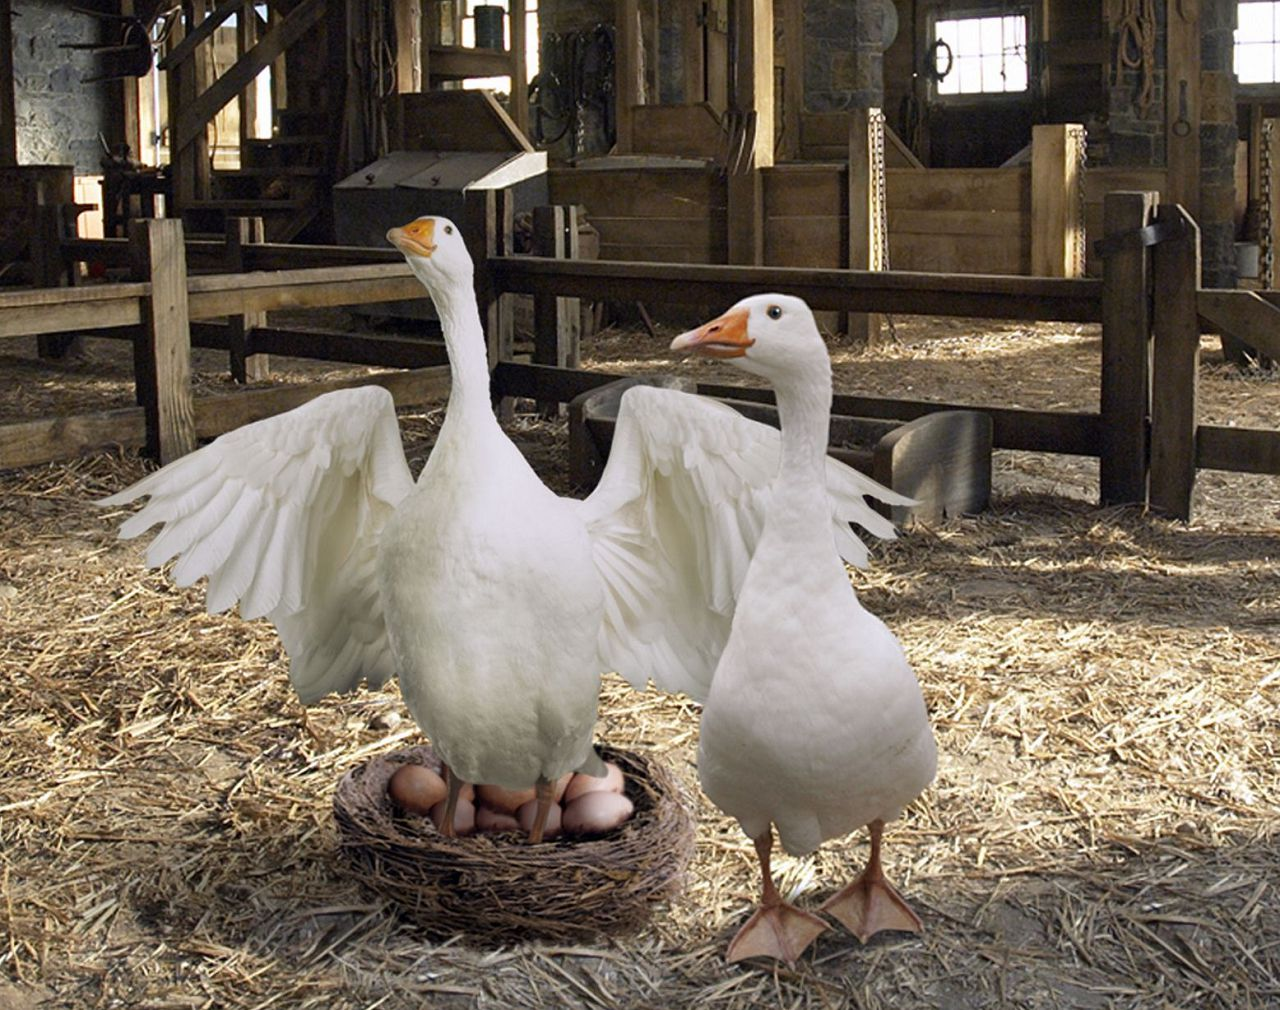 Можно подложить другие яйца в гнездо и посмотреть на поведение гусыни